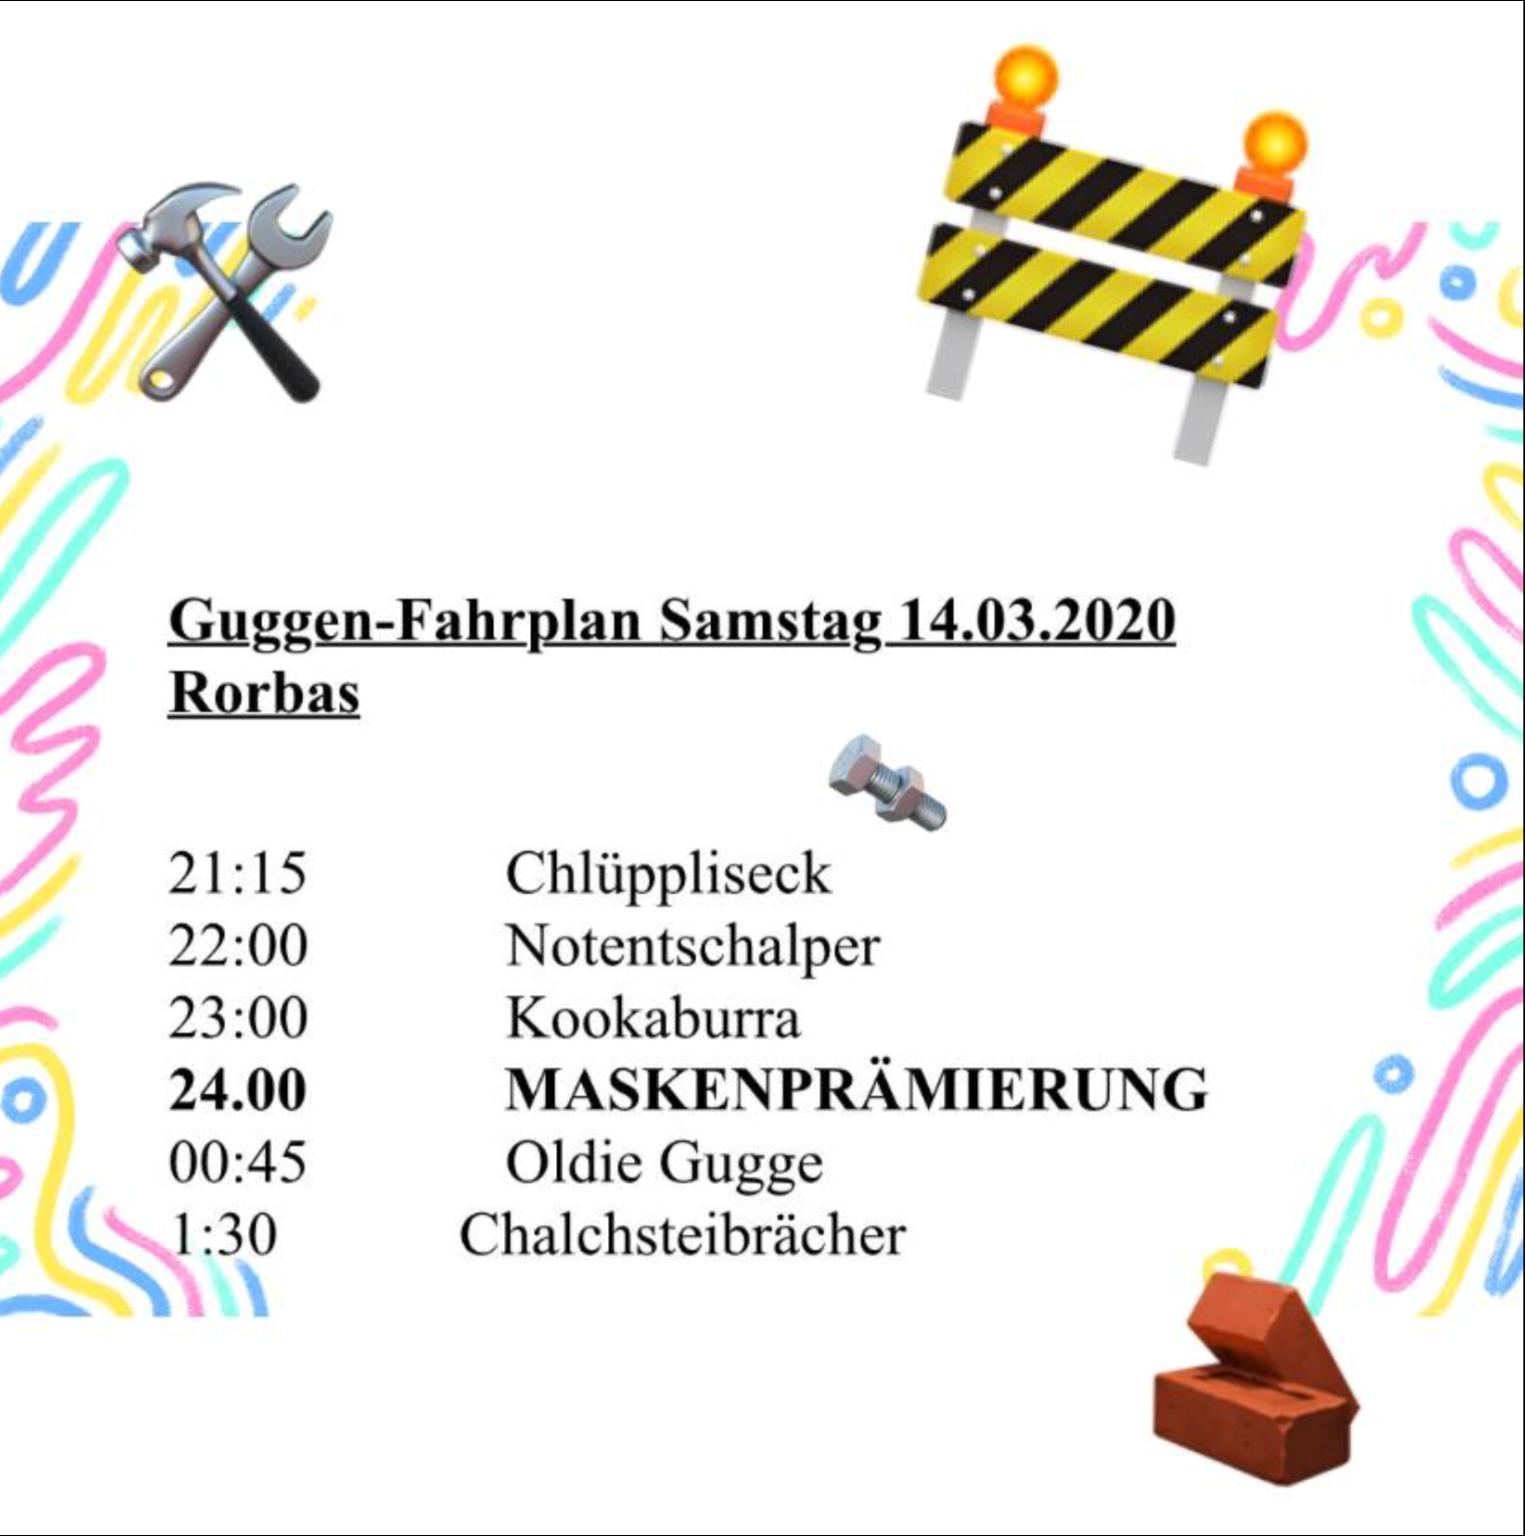 Guggen Fahrplan Samstag 14 03 2020 Rorbas